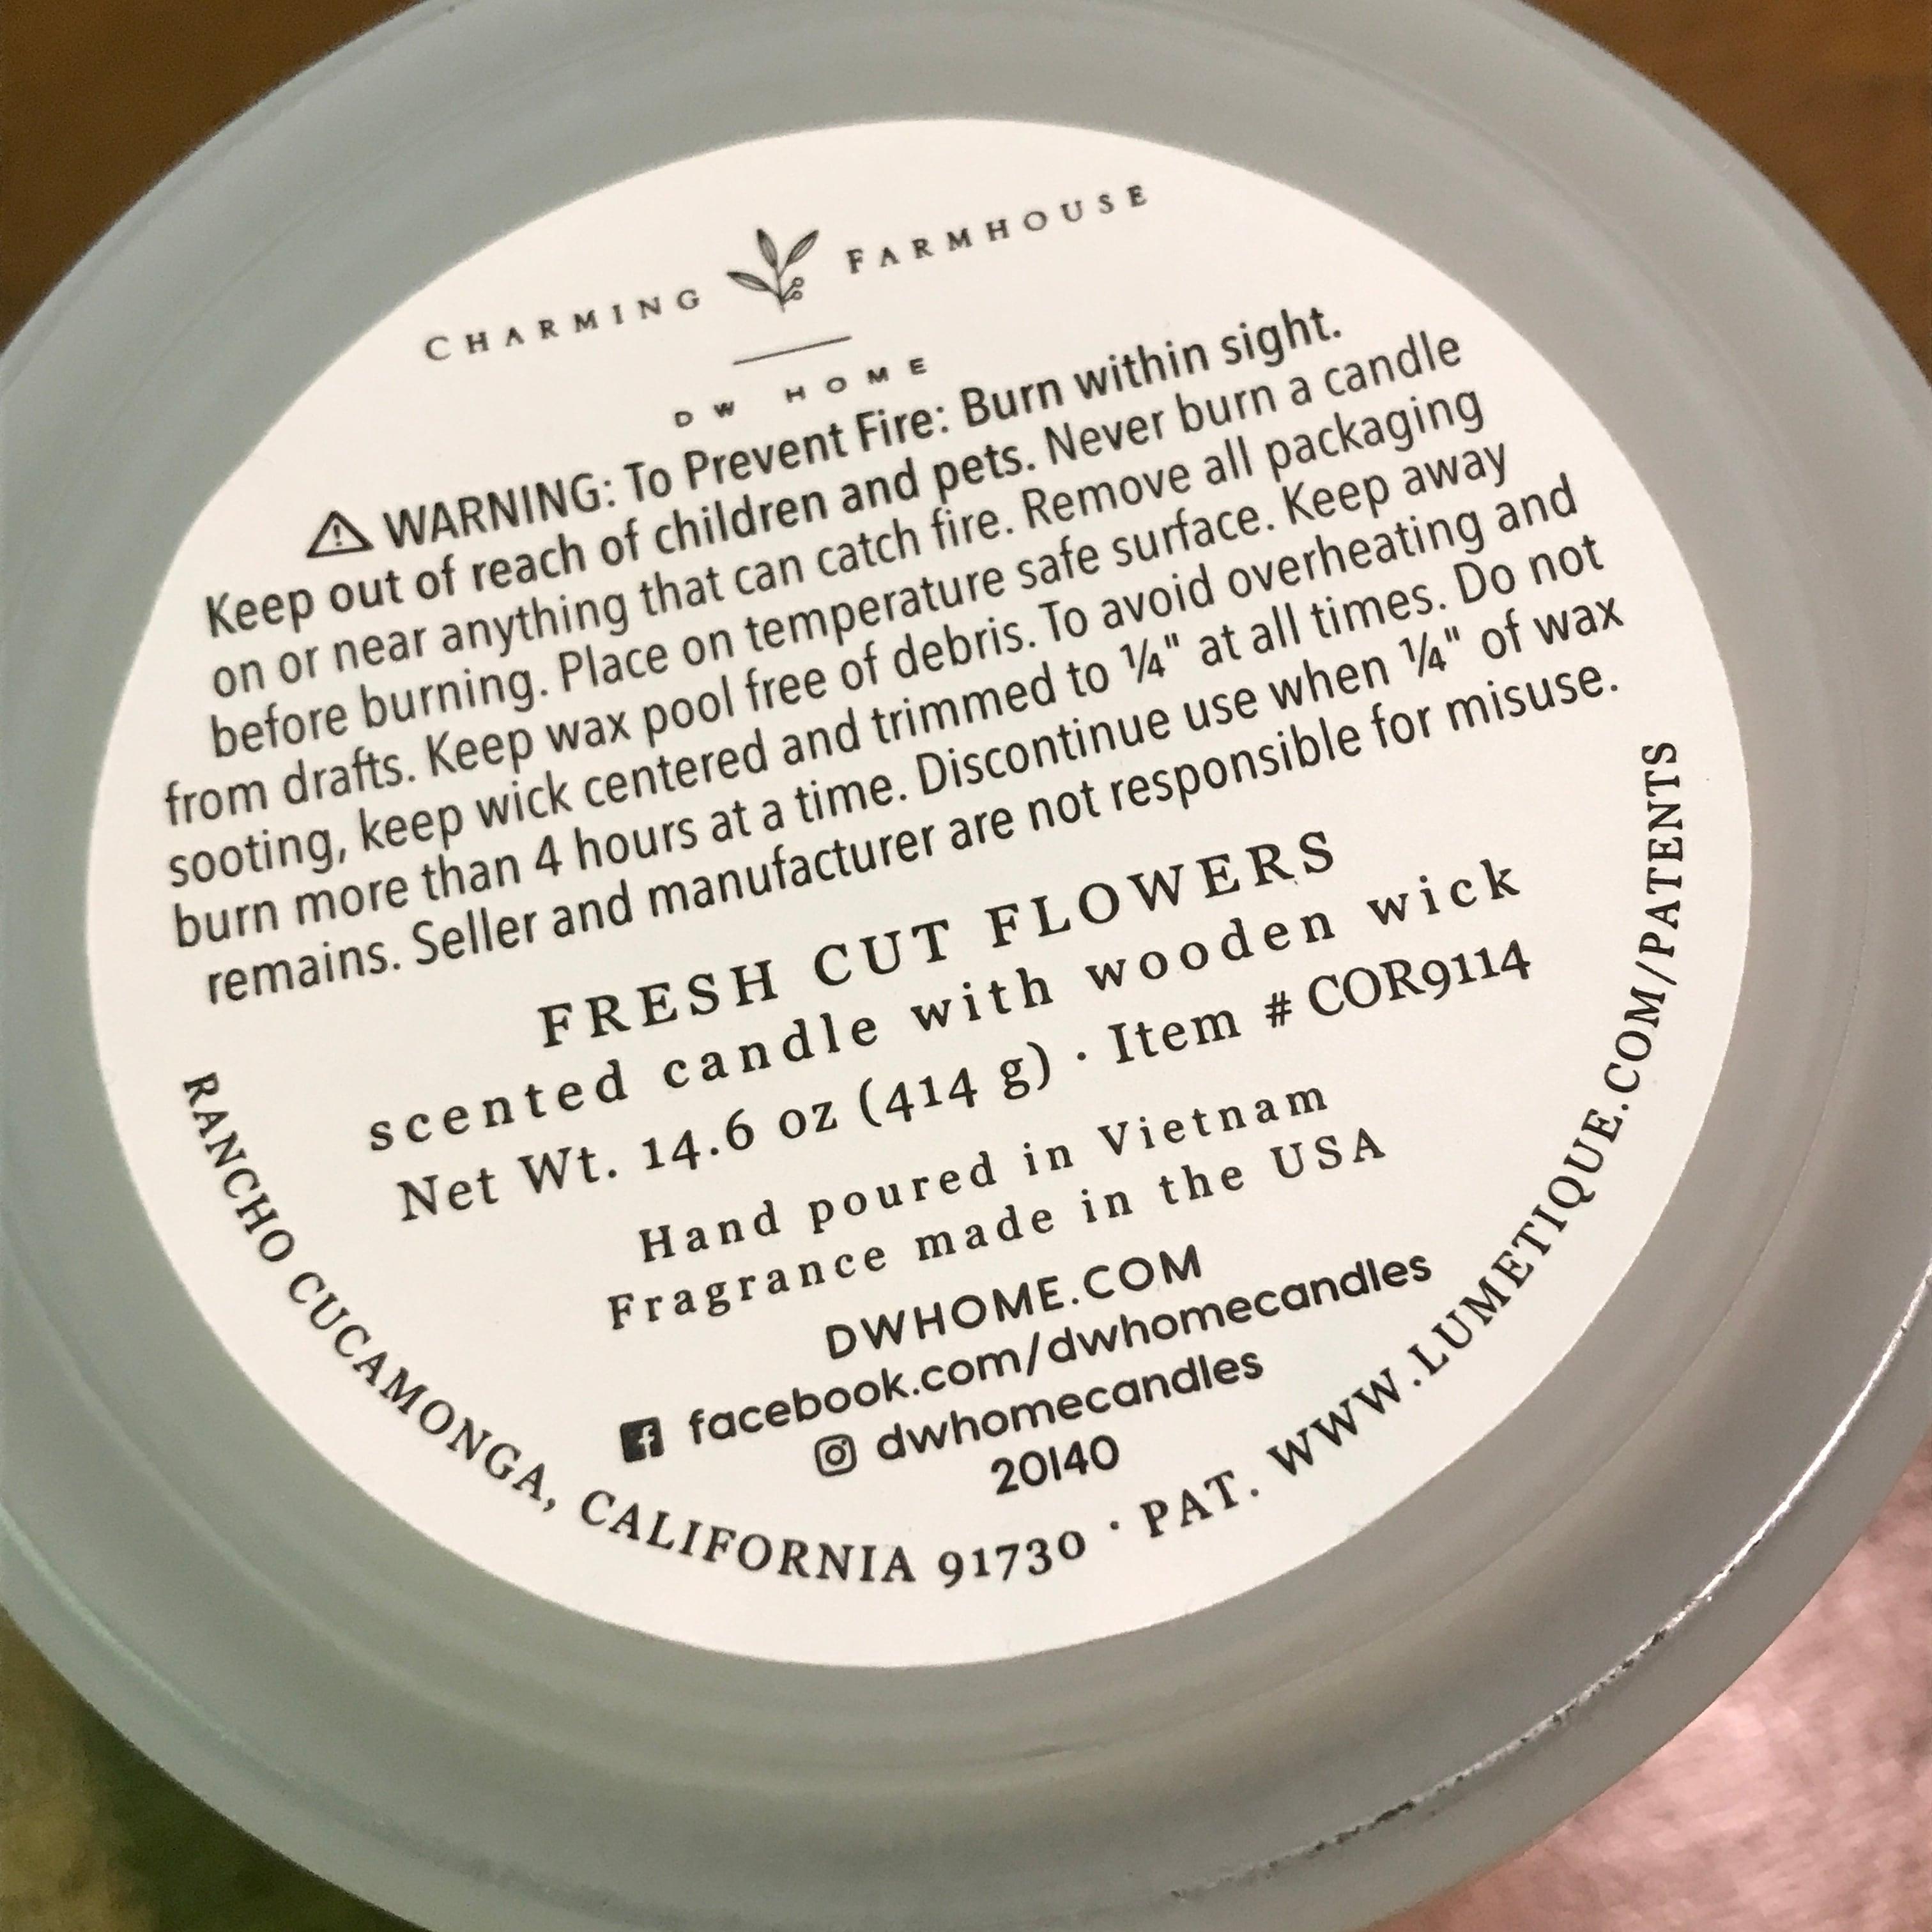 【DW Home Candles】FRESH CUT FLOWERS【アロマキャンドル】